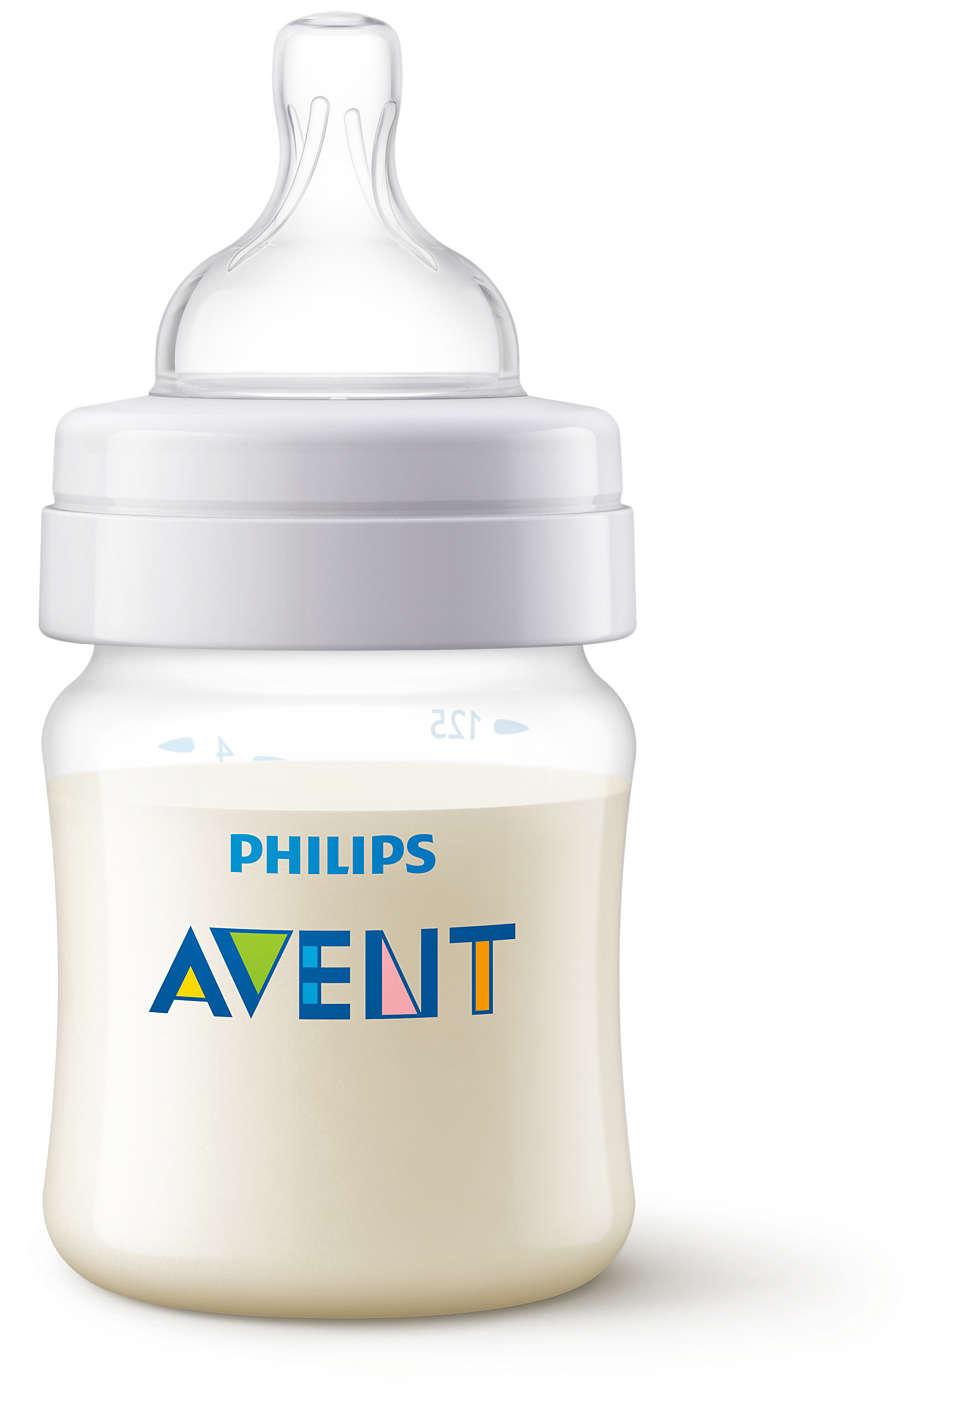 Philips Avent – Råd om flaskmatning